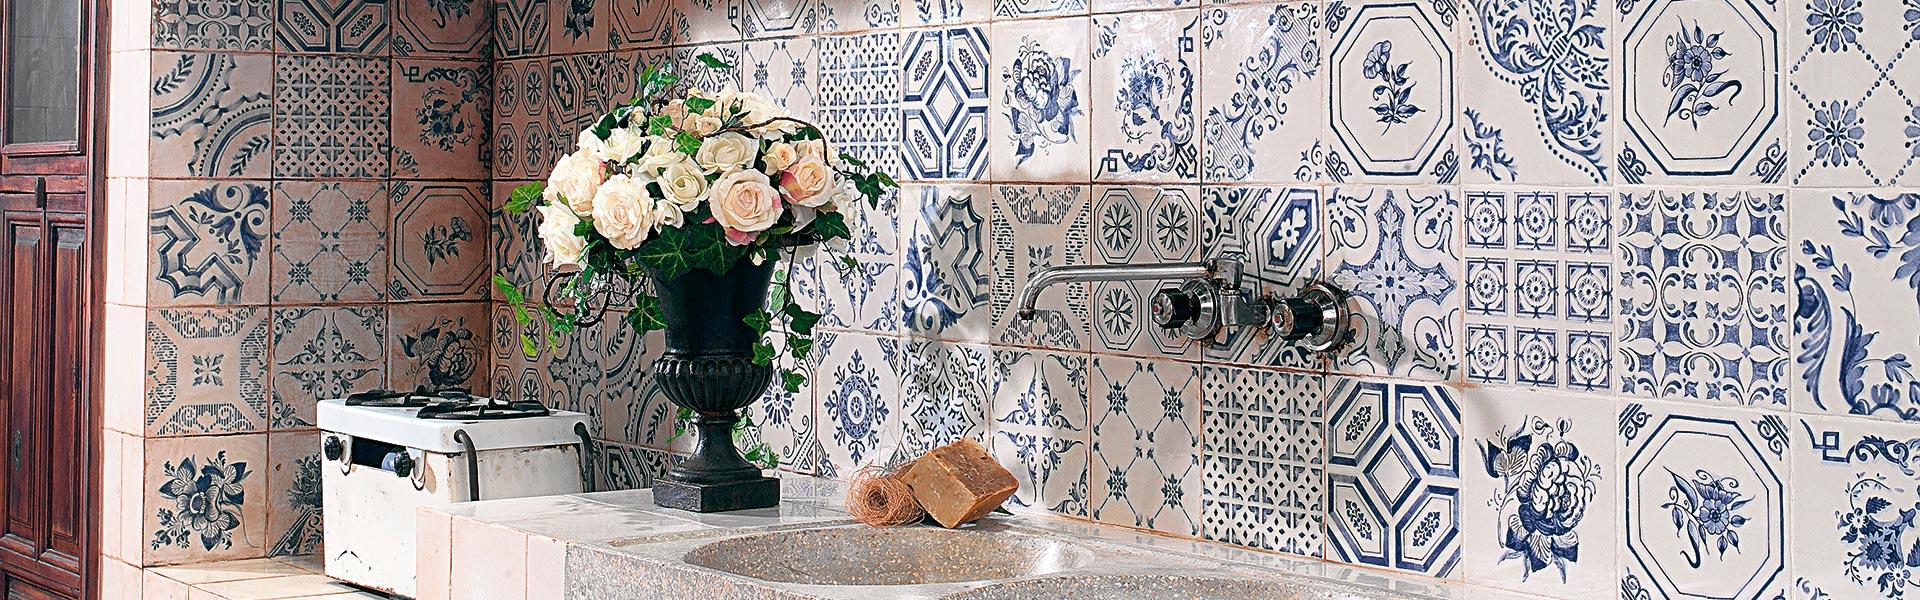 Revestimiento pasta roja aranjuez 20x20 vives azulejos y for Azulejos vives